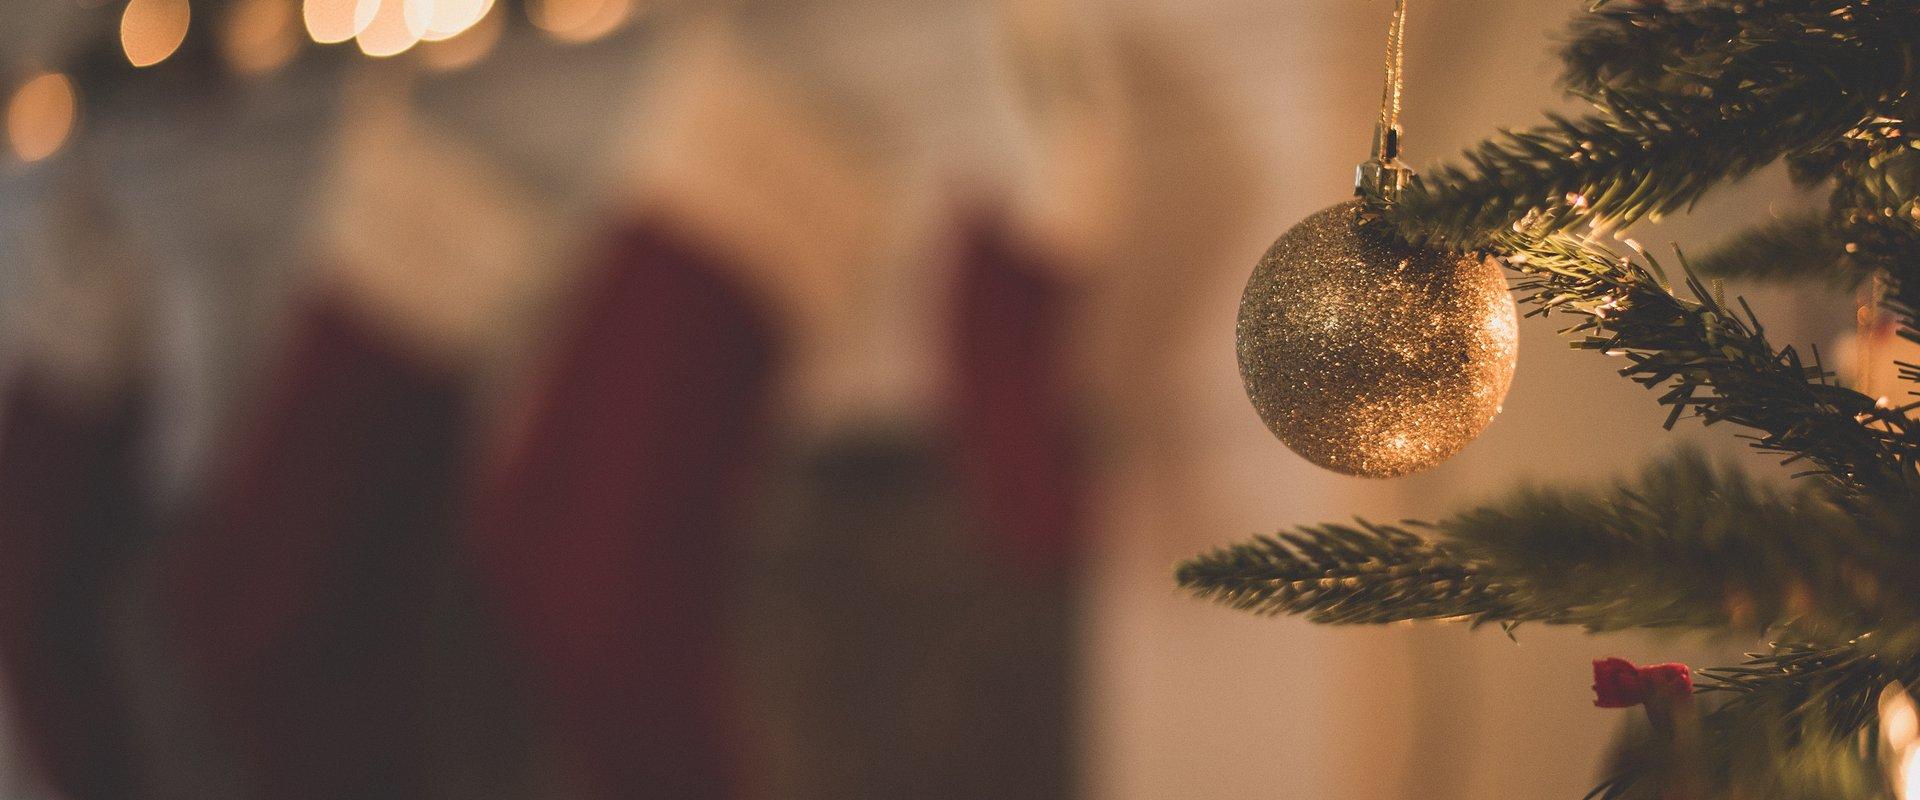 UNIBANCO e Bárbara Tinoco juntos com uma canção de Natal